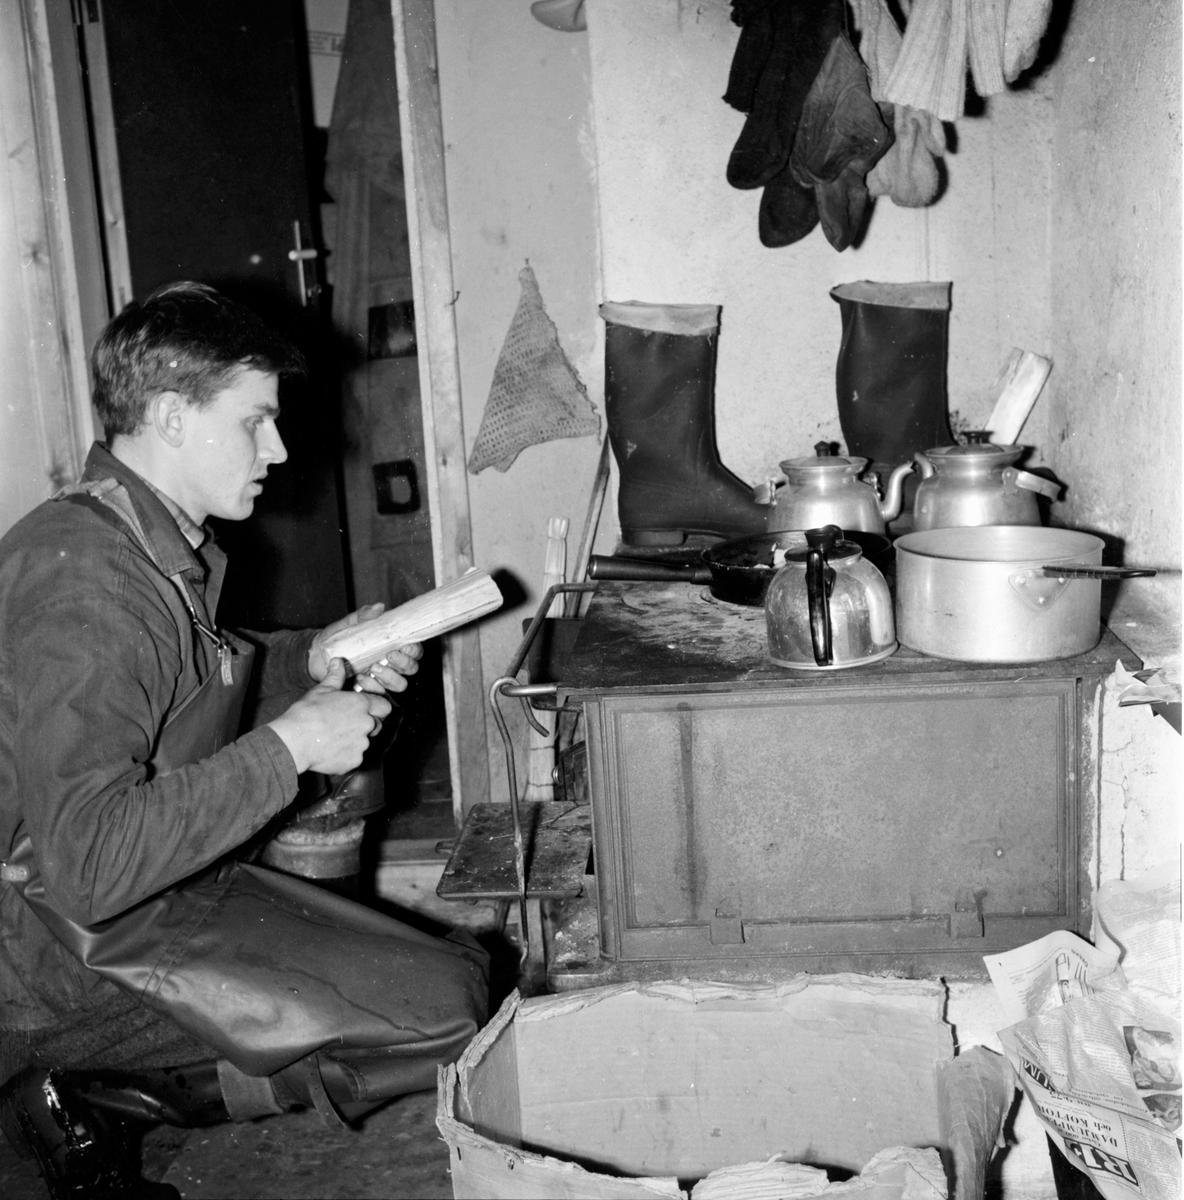 Skog. Skogsrepotage vid Sörbränningen 26/1-1965